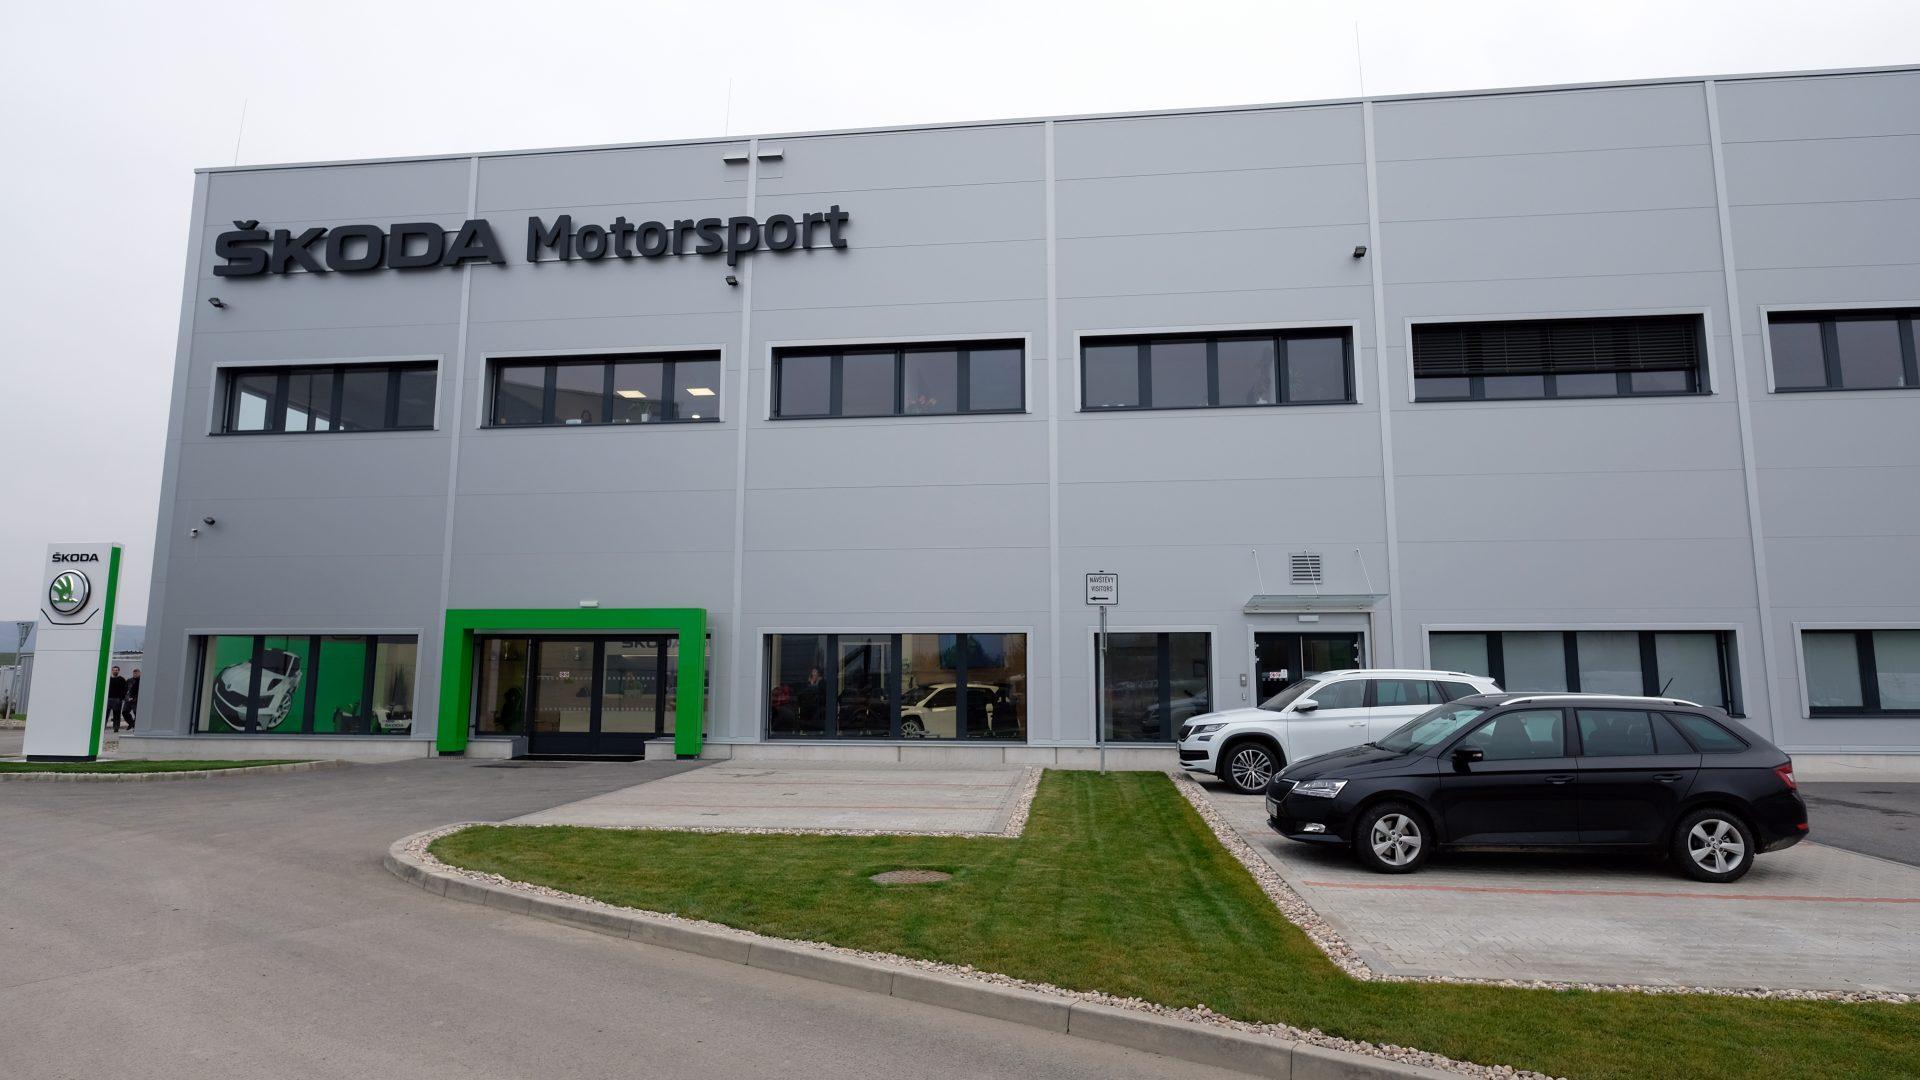 Představujeme nový domov oddělení ŠKODA Motorsport